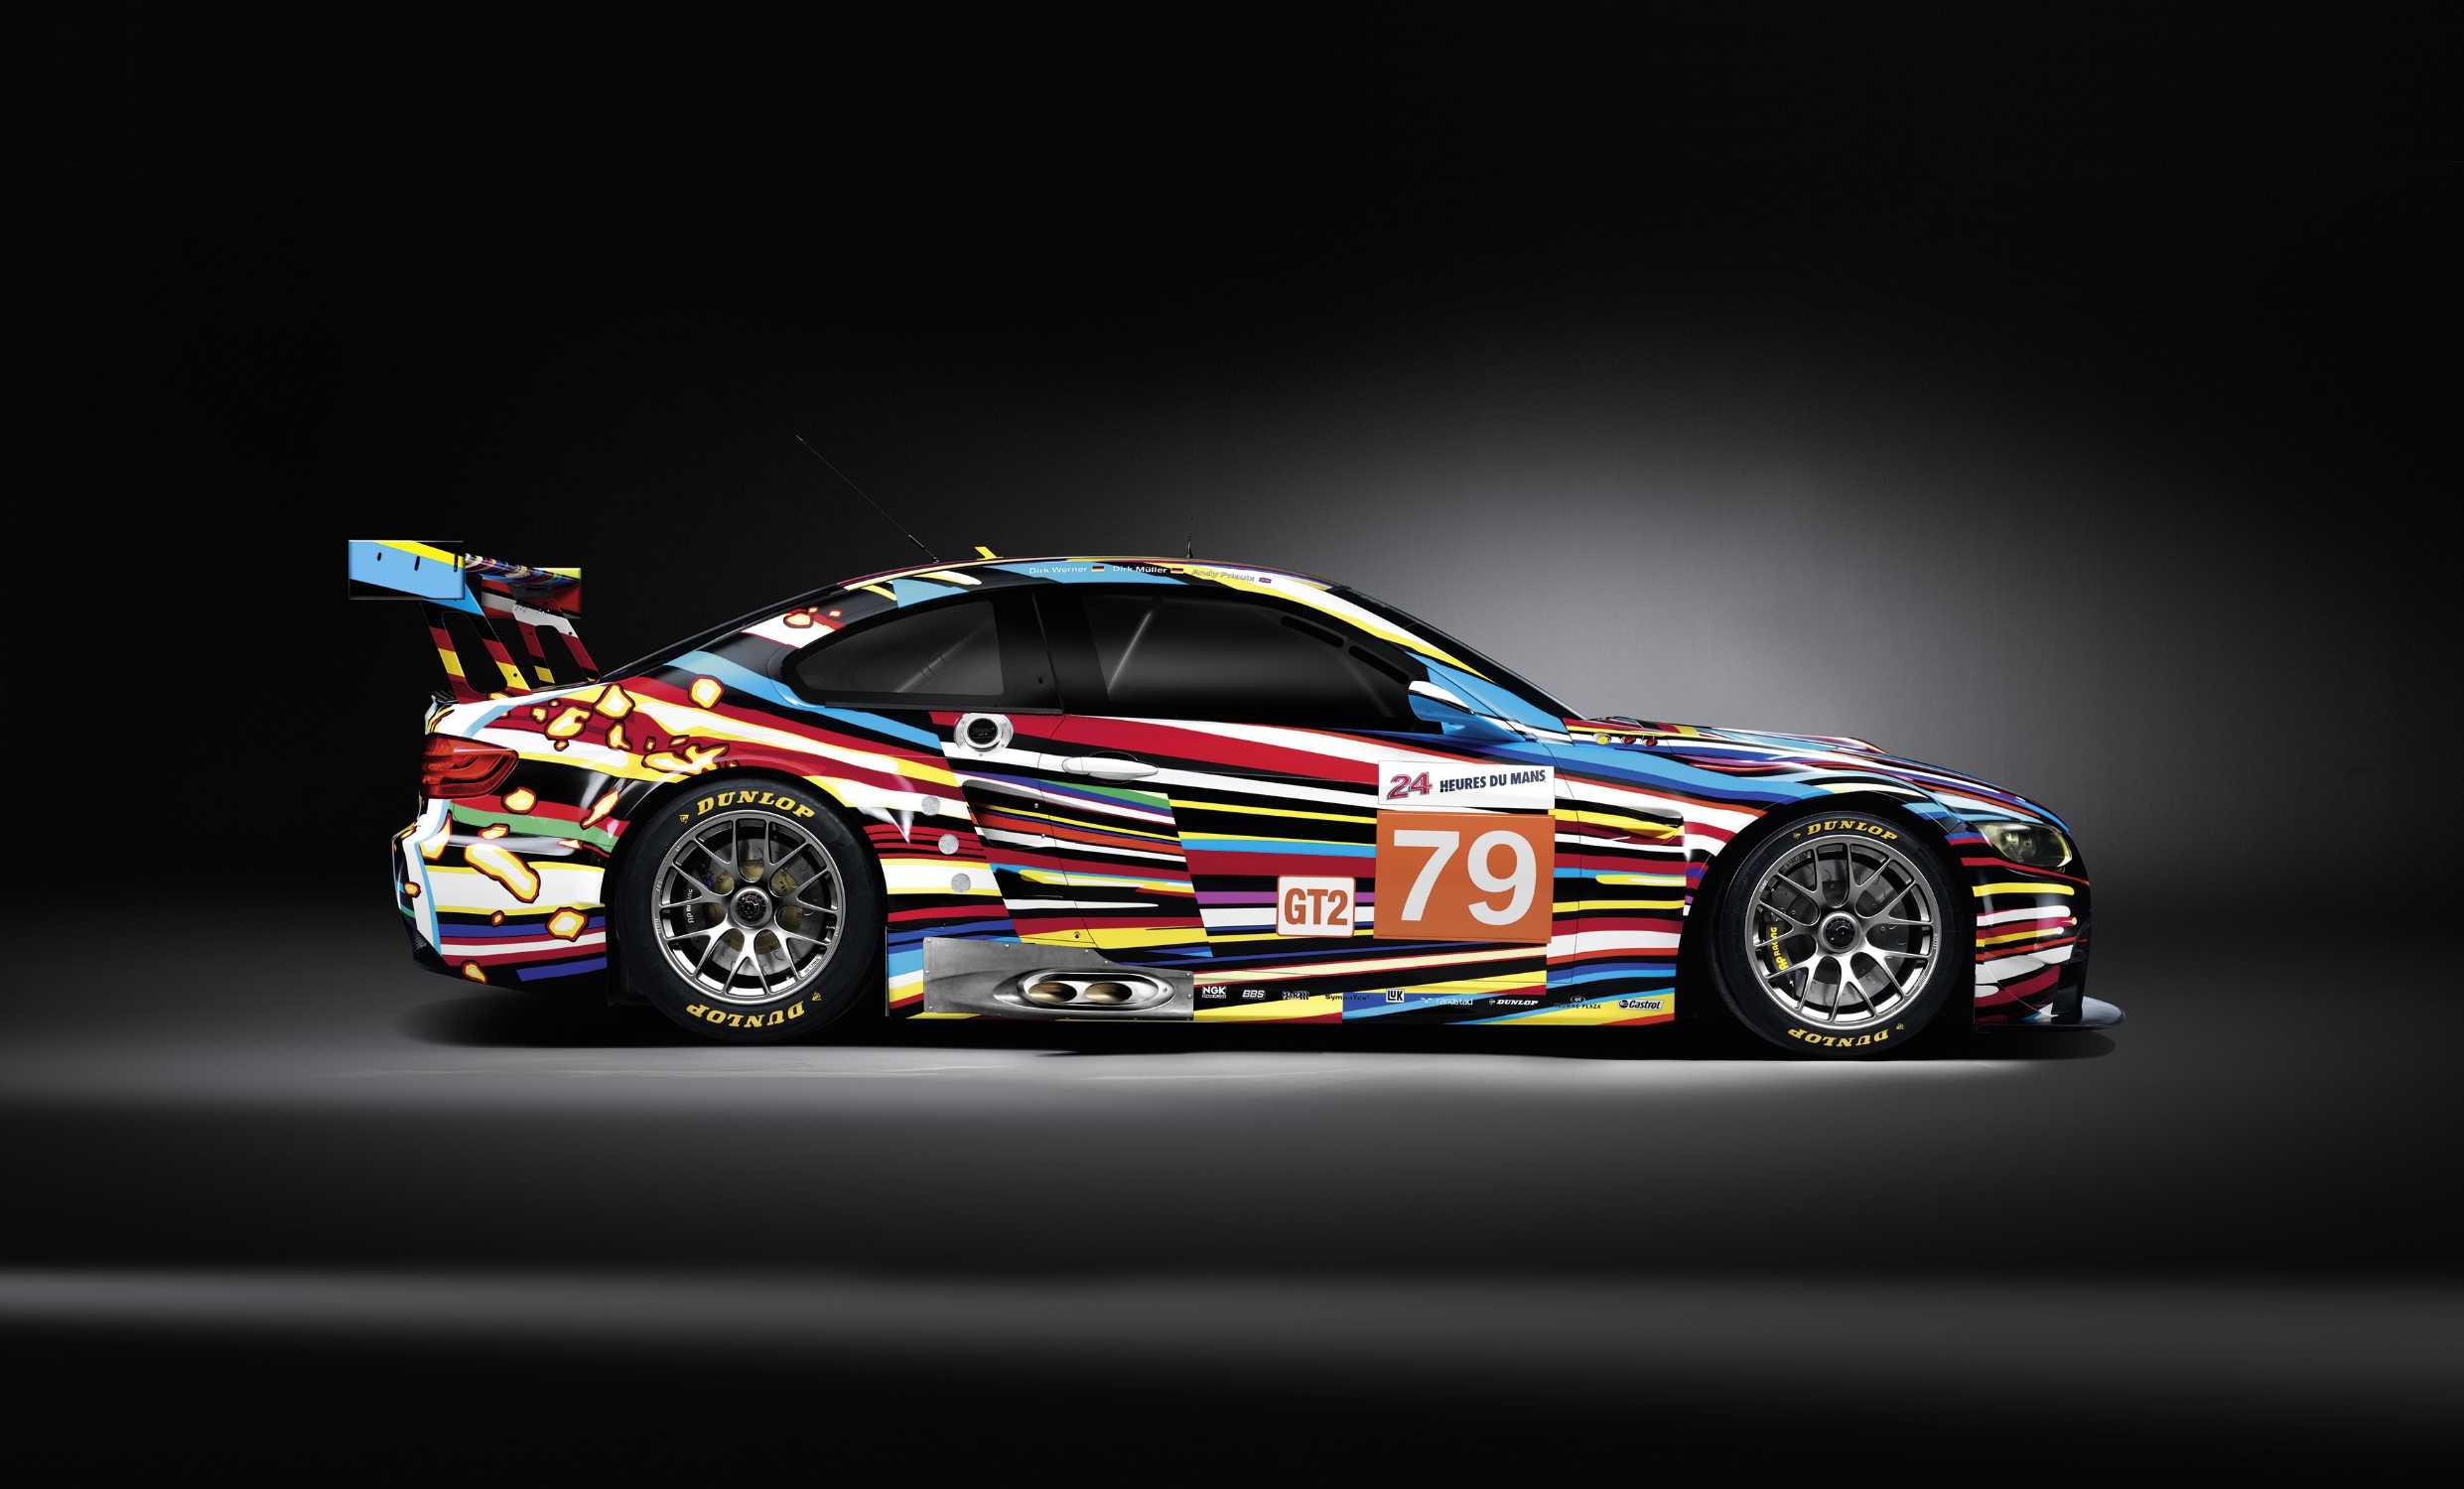 Jeff Koons : BMW M3 GT2 2010 (19e aux 24h du Mans) Moteur 8 cylindres en V, vitesse maximale de 300 km/h _ © copyright fournies par BMW et Artcurial Motorcars.